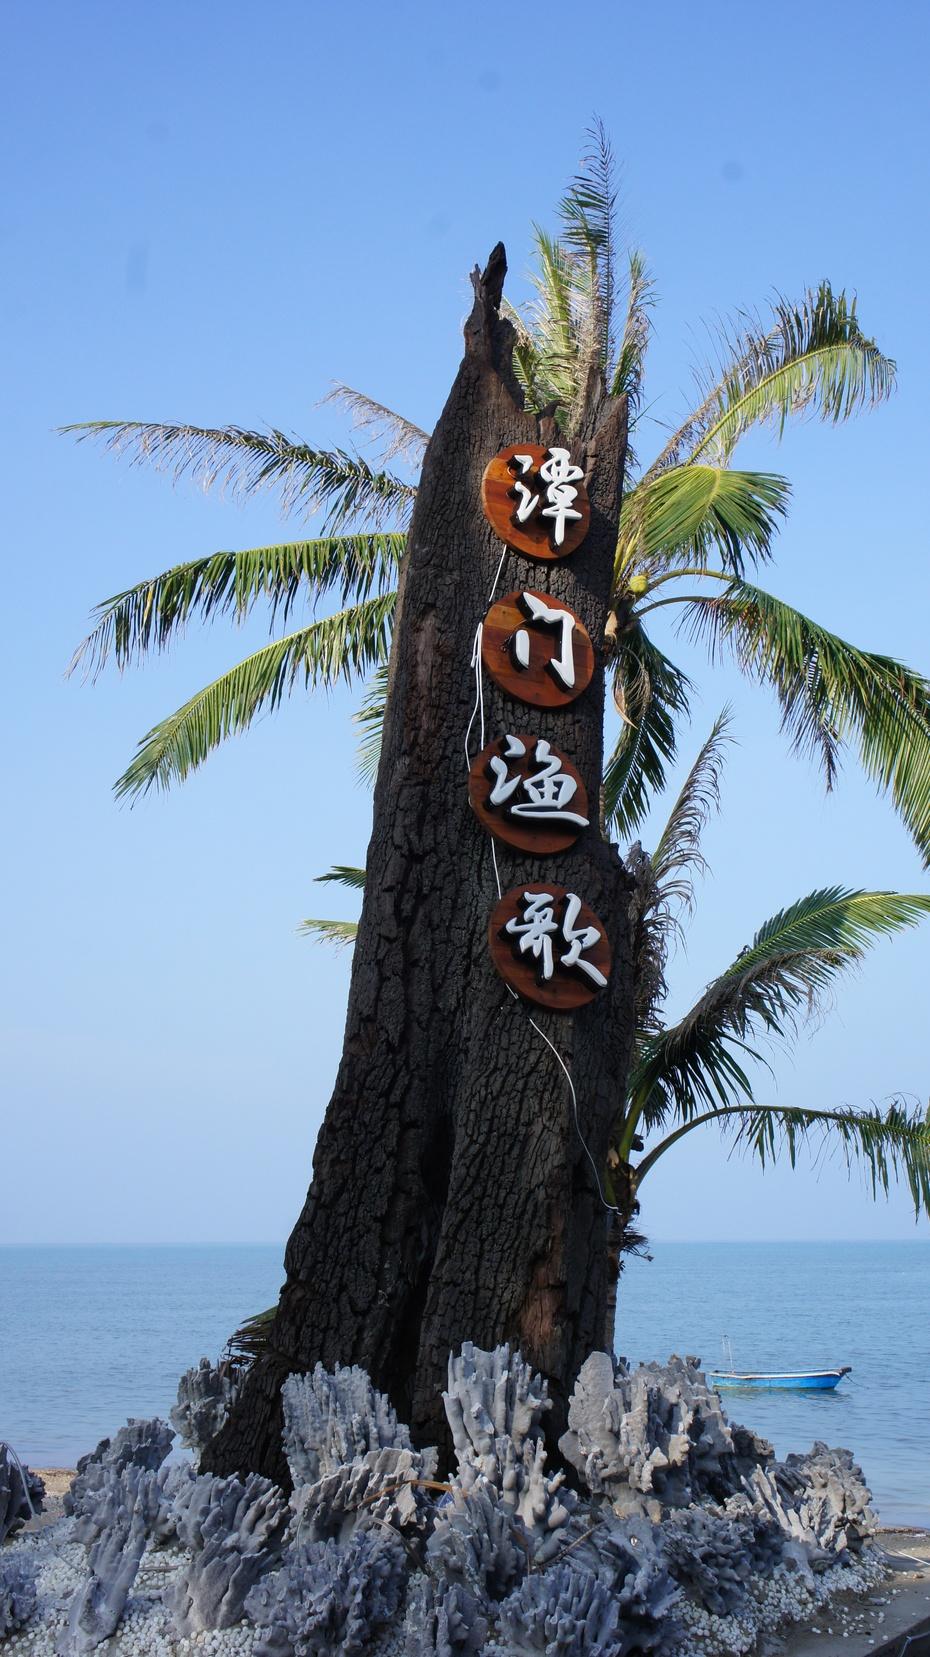 琼海行之九:滨海小镇潭门镇 - 余昌国 - 我的博客